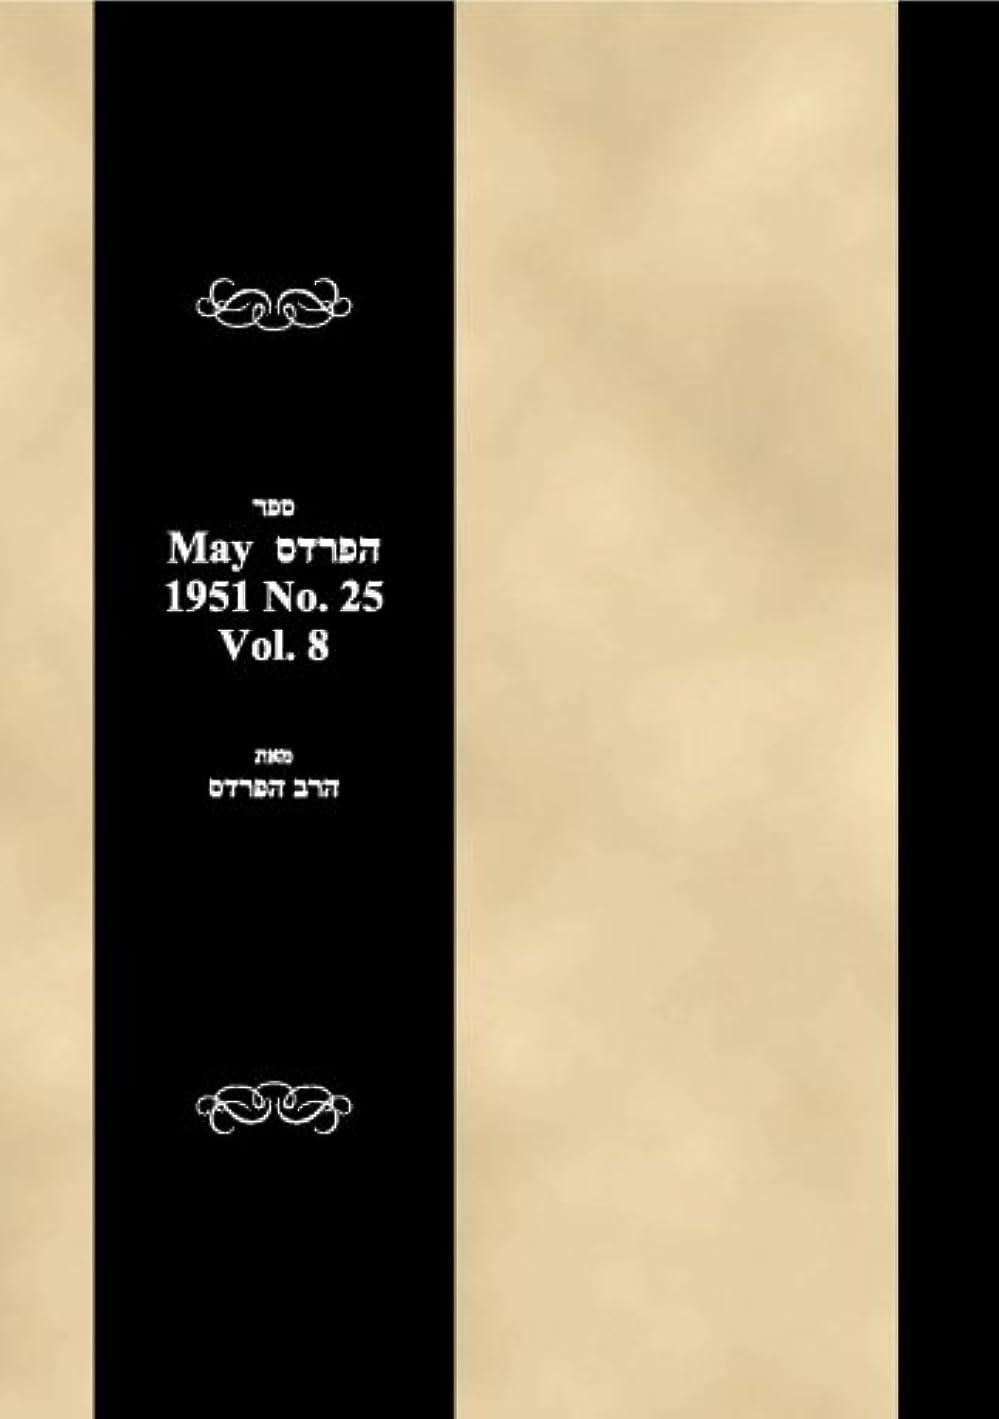 準備する崇拝する者Sefer haPardes May 1951 No. 25 Vol. 8